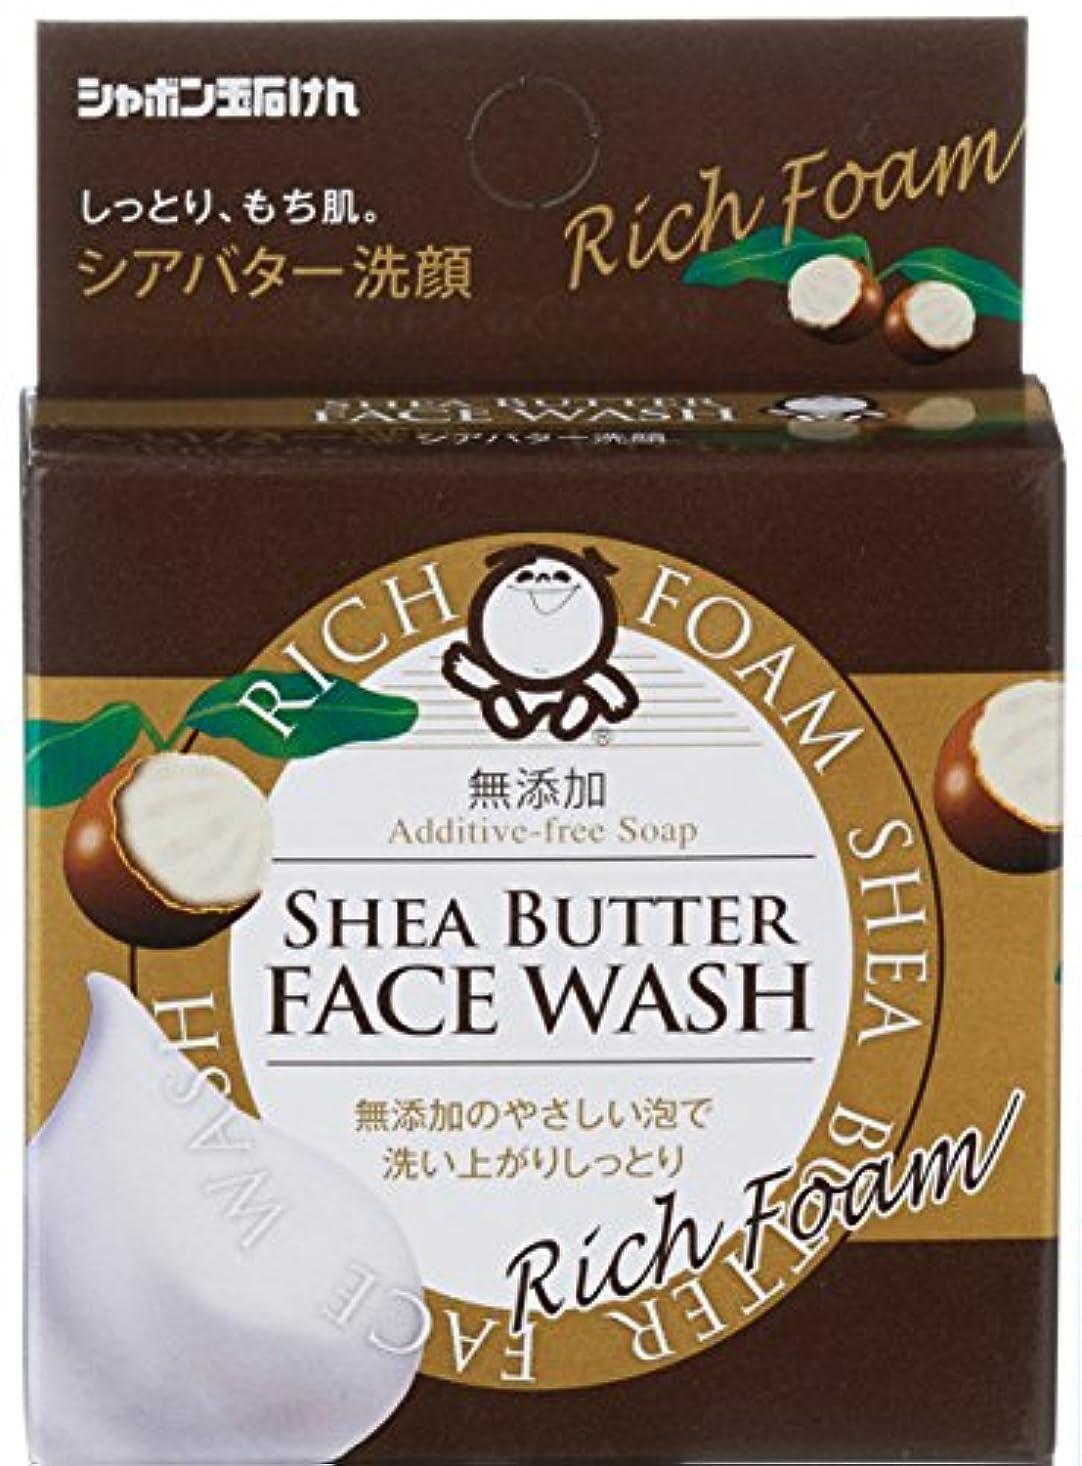 恥ずかしい昼寝単にシャボン玉 シアバター洗顔 60g